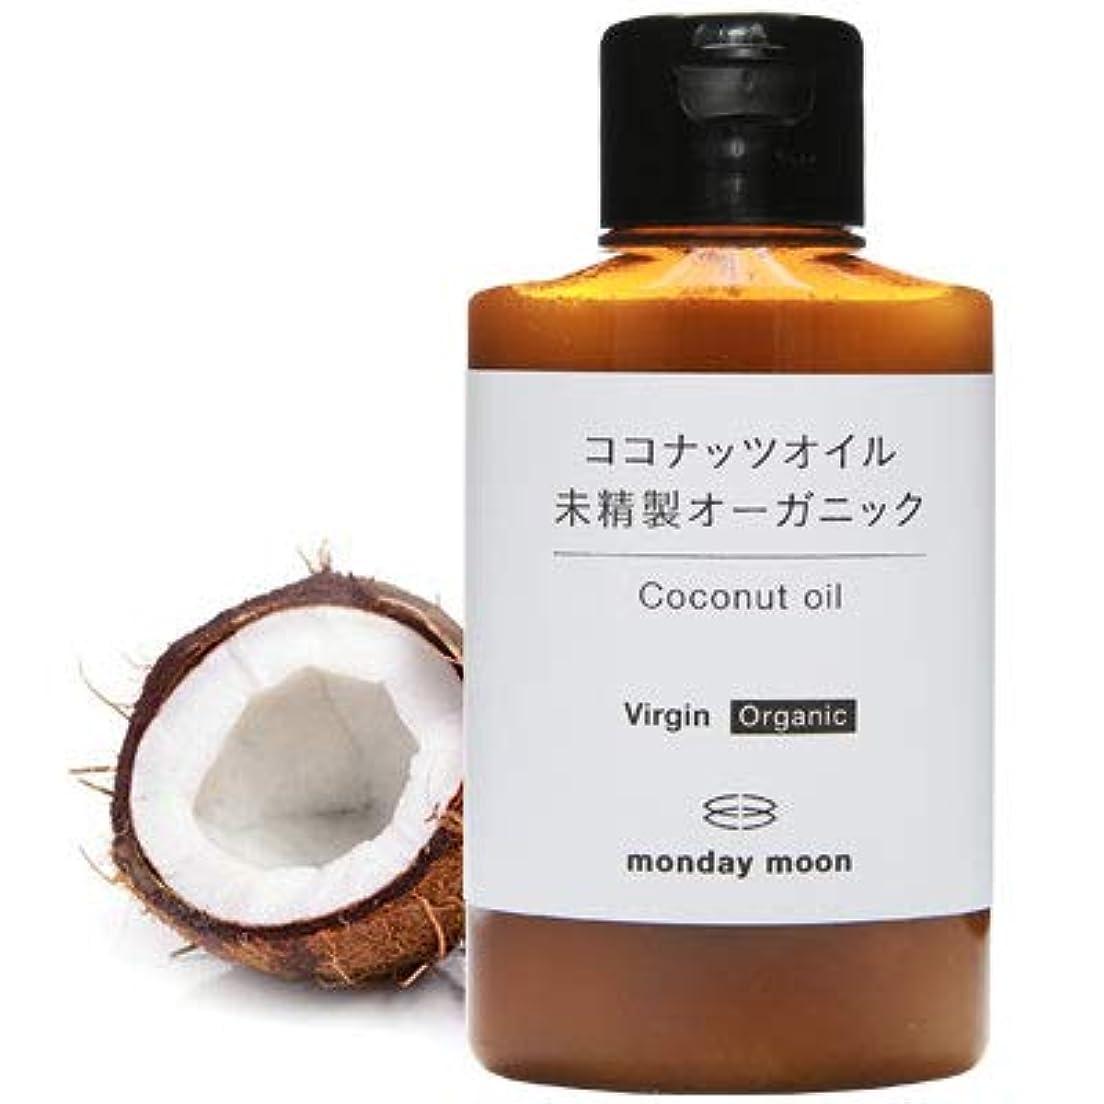 醸造所バナナ財団ココナッツオイル・オーガニック/50ml